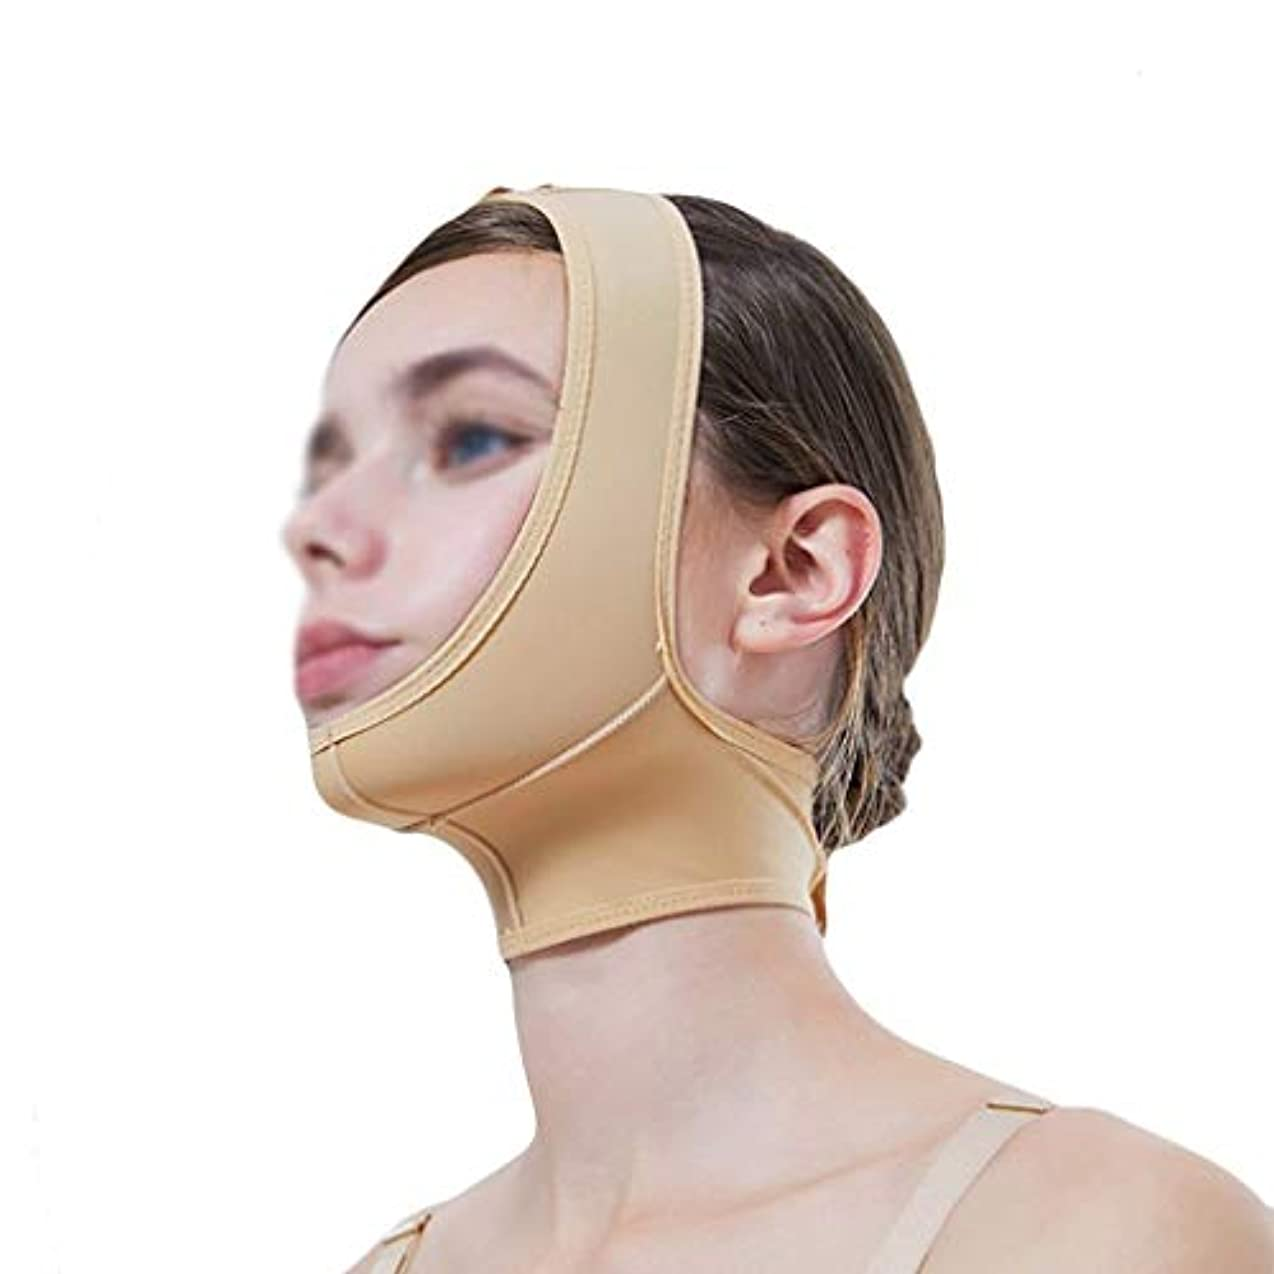 排出スリラー可動式マスク、超薄型ベルト、フェイスリフティングに適し、フェイスリフティング、通気性包帯、あご取りベルト、超薄型ベルト、通気性(サイズ:XL),M